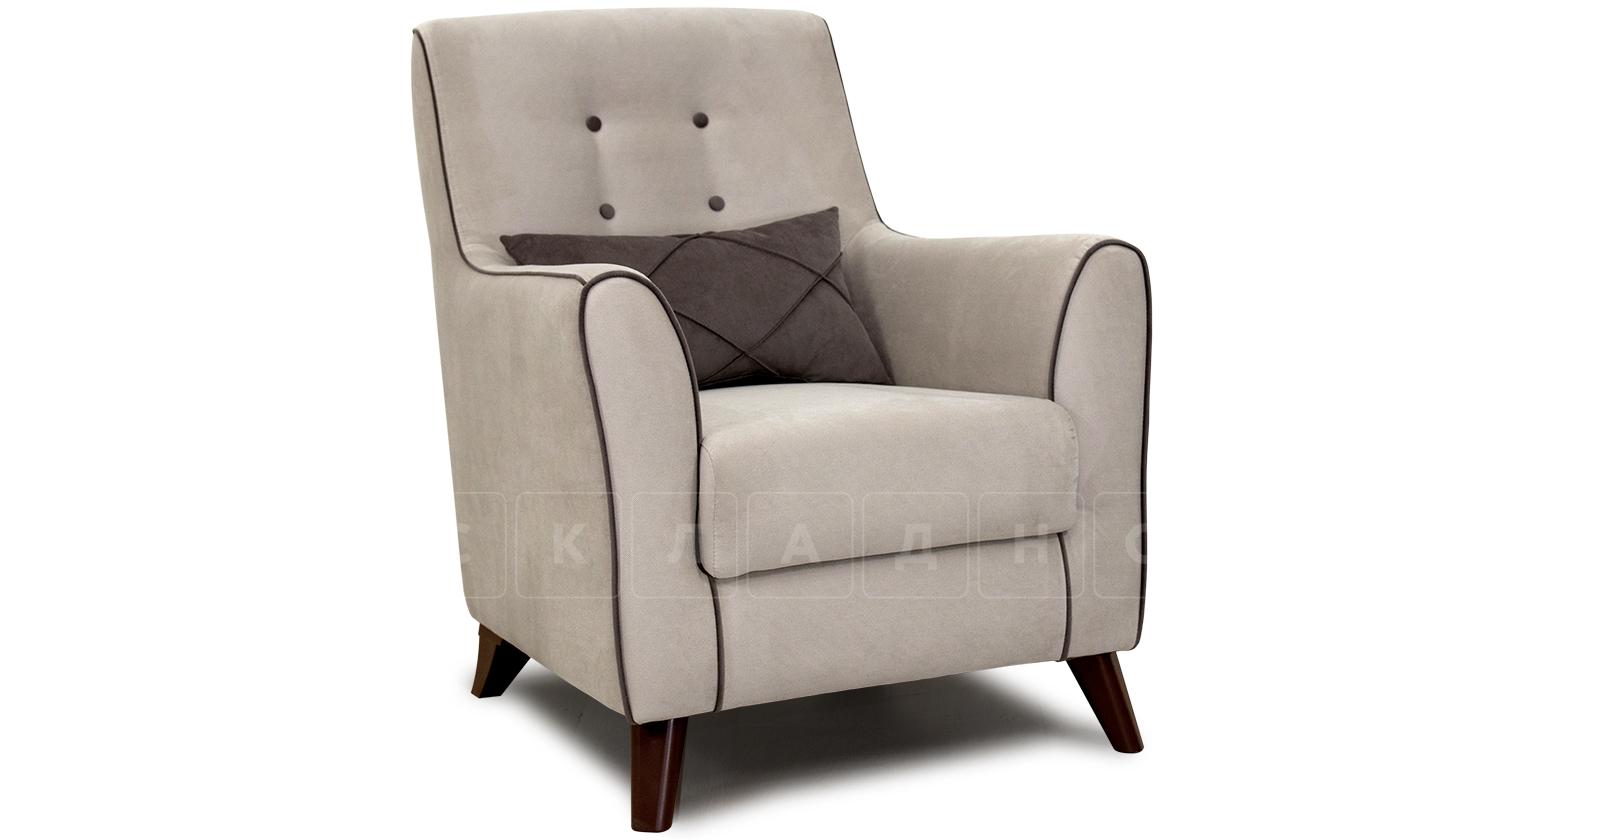 Кресло для отдыха Флэтфорд серо-бежевый фото 1 | интернет-магазин Складно